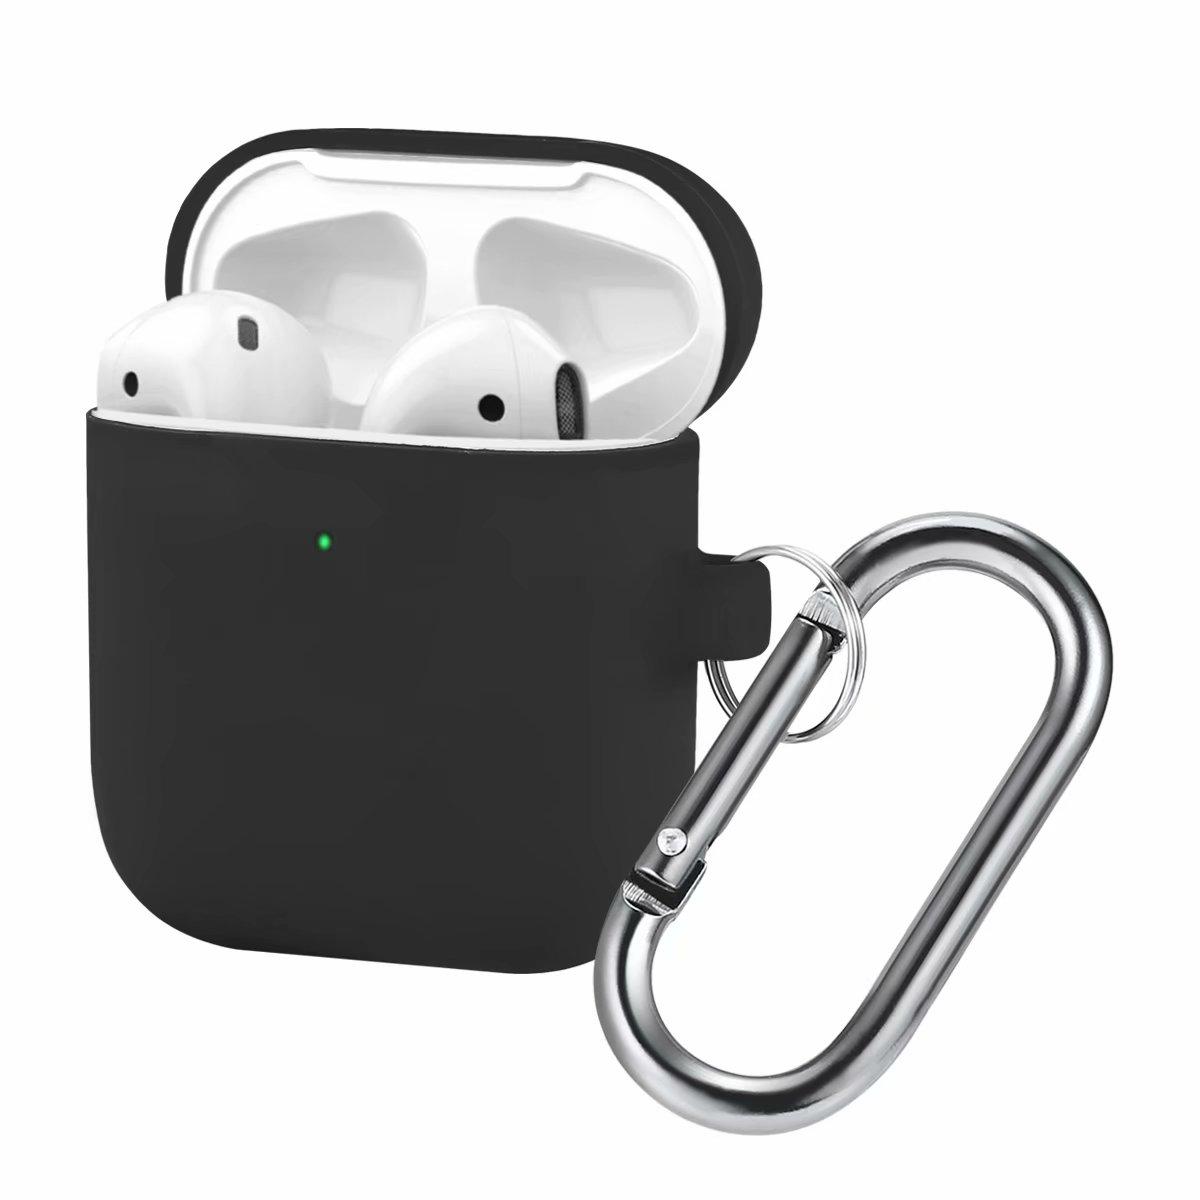 SDesign Silicone Hang Case